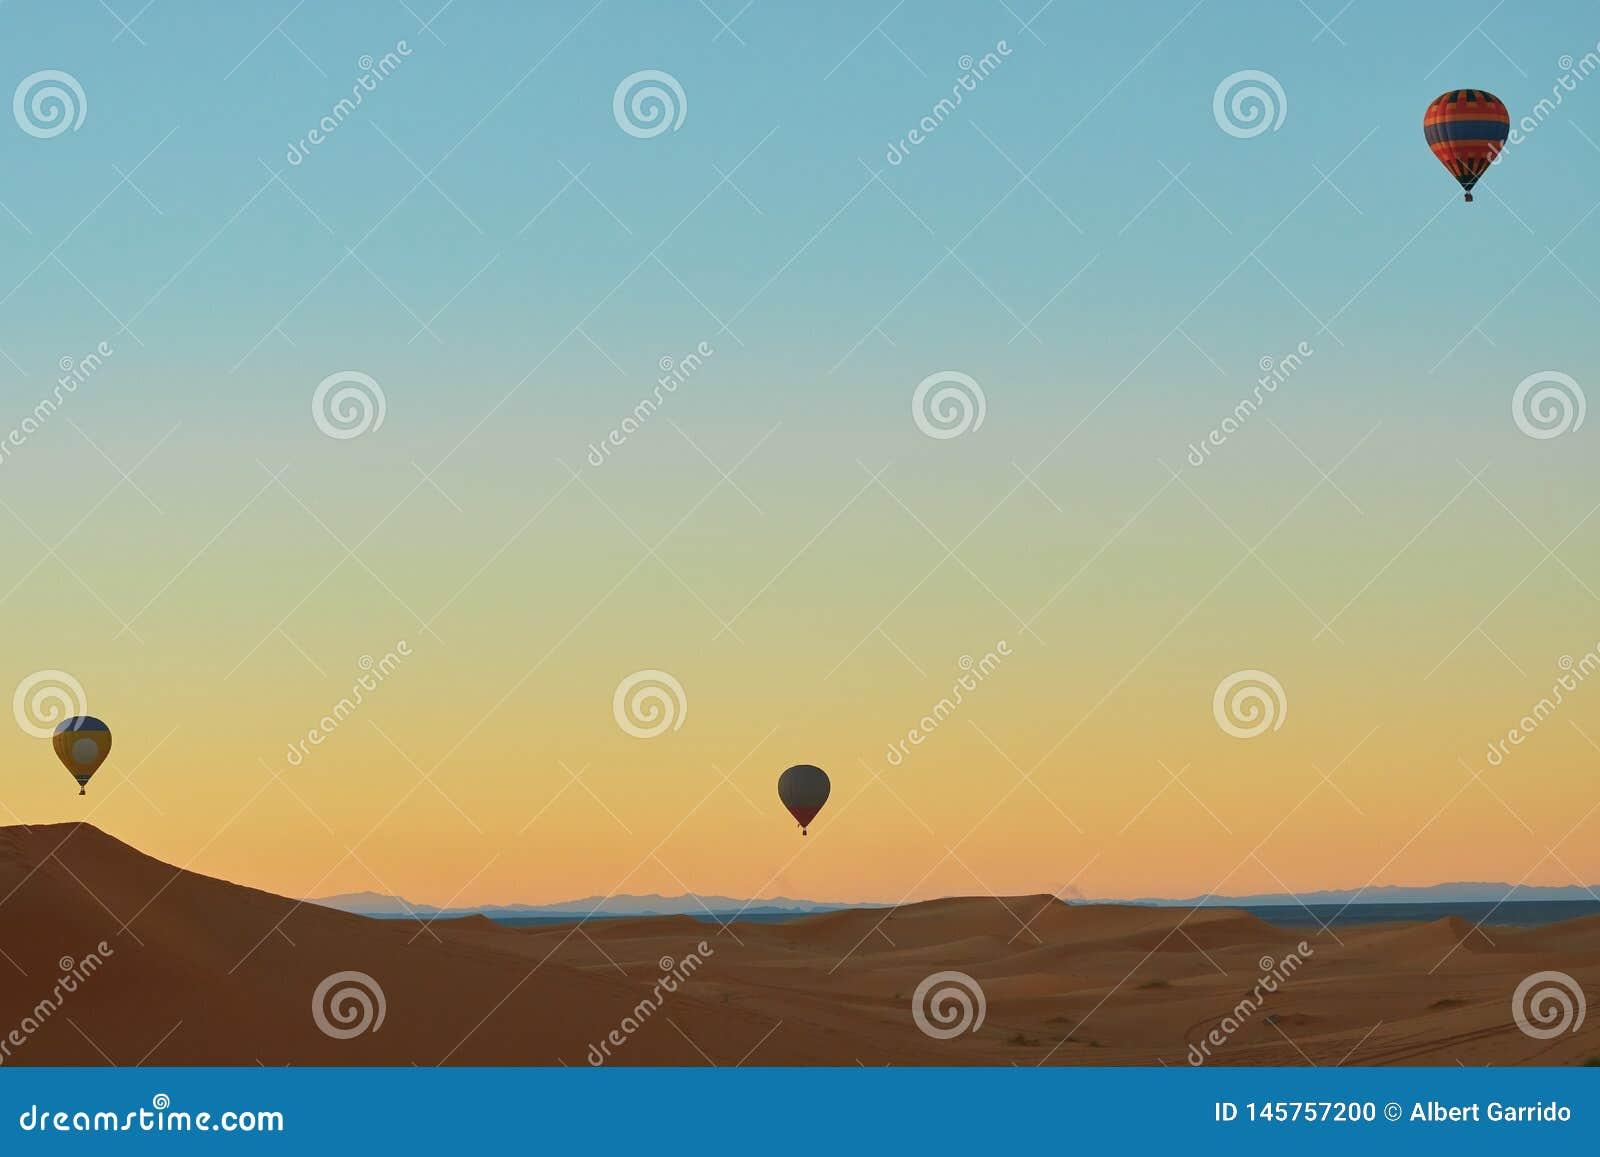 Voo do balão de ar três quente sobre o deserto